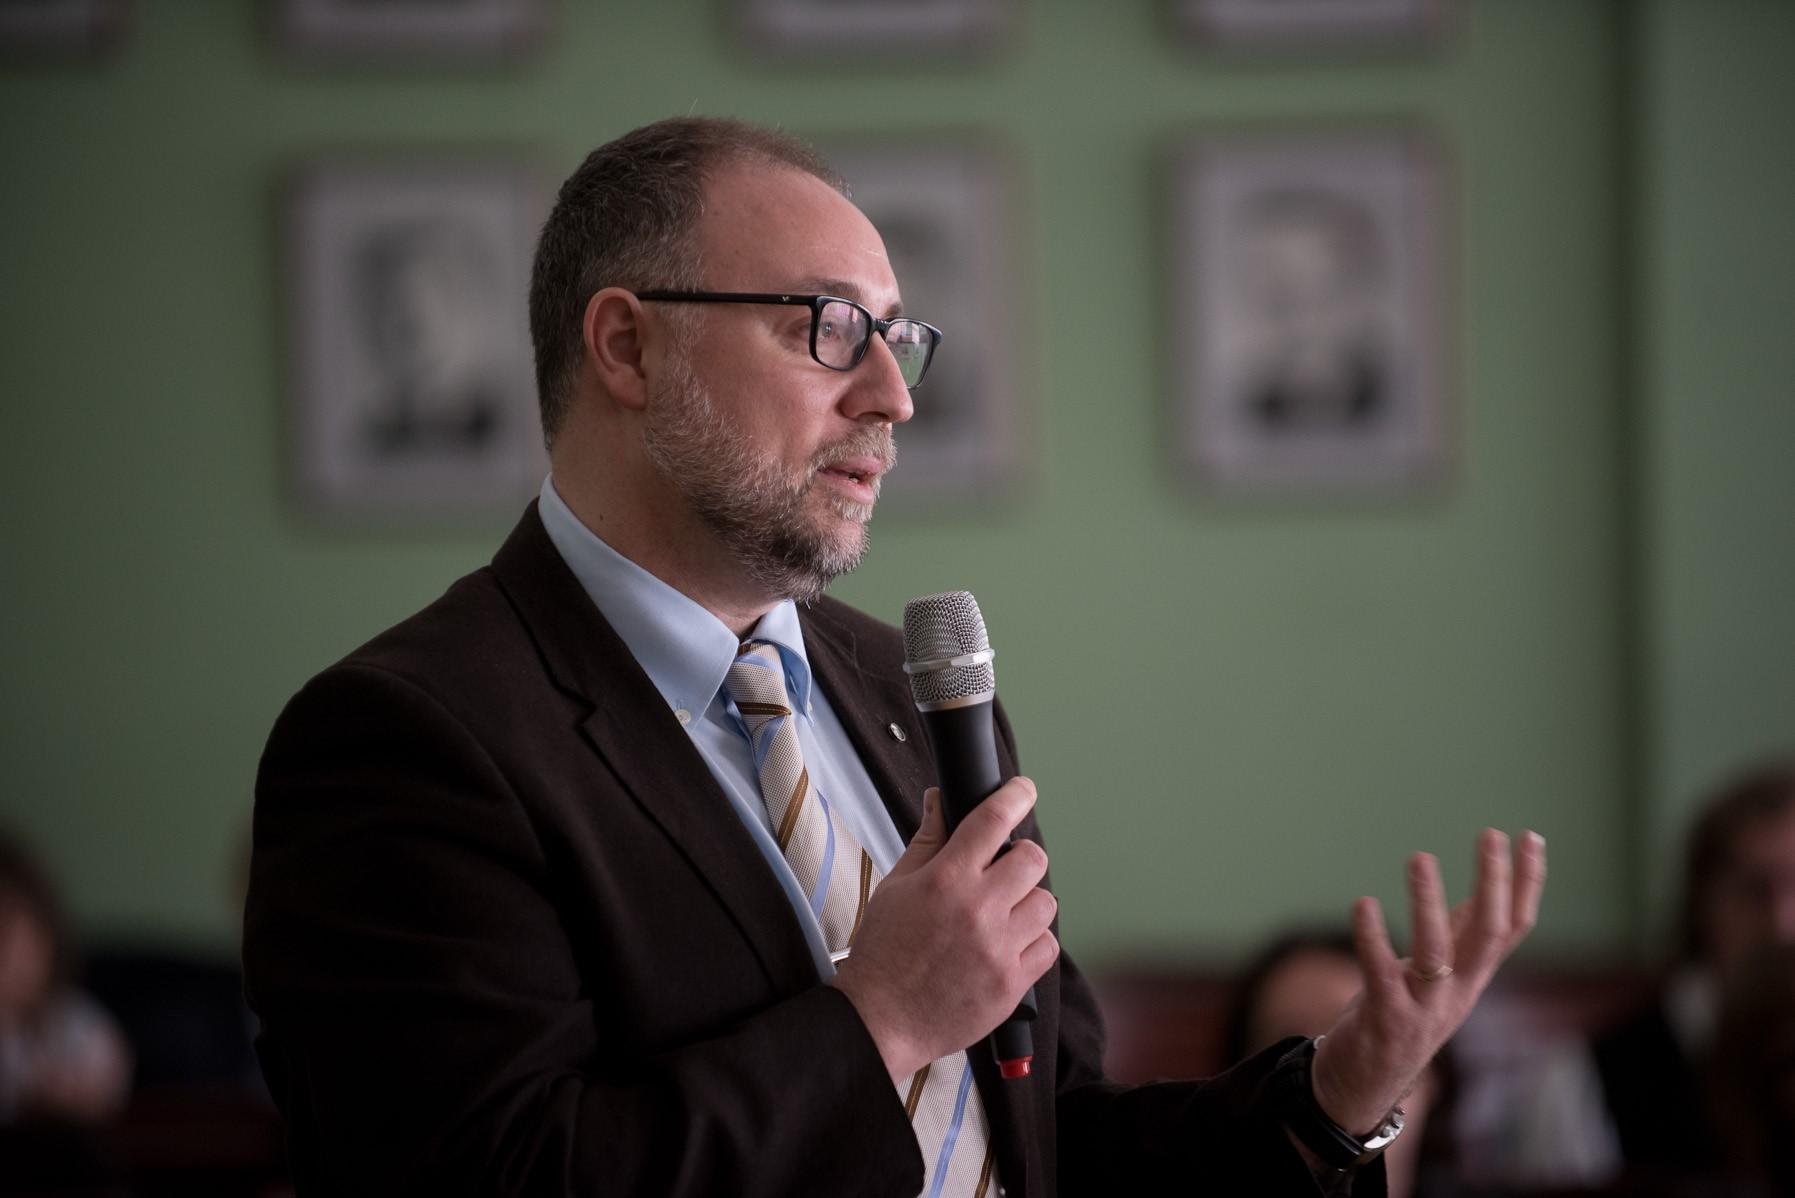 Profesorius Dario Martinelli